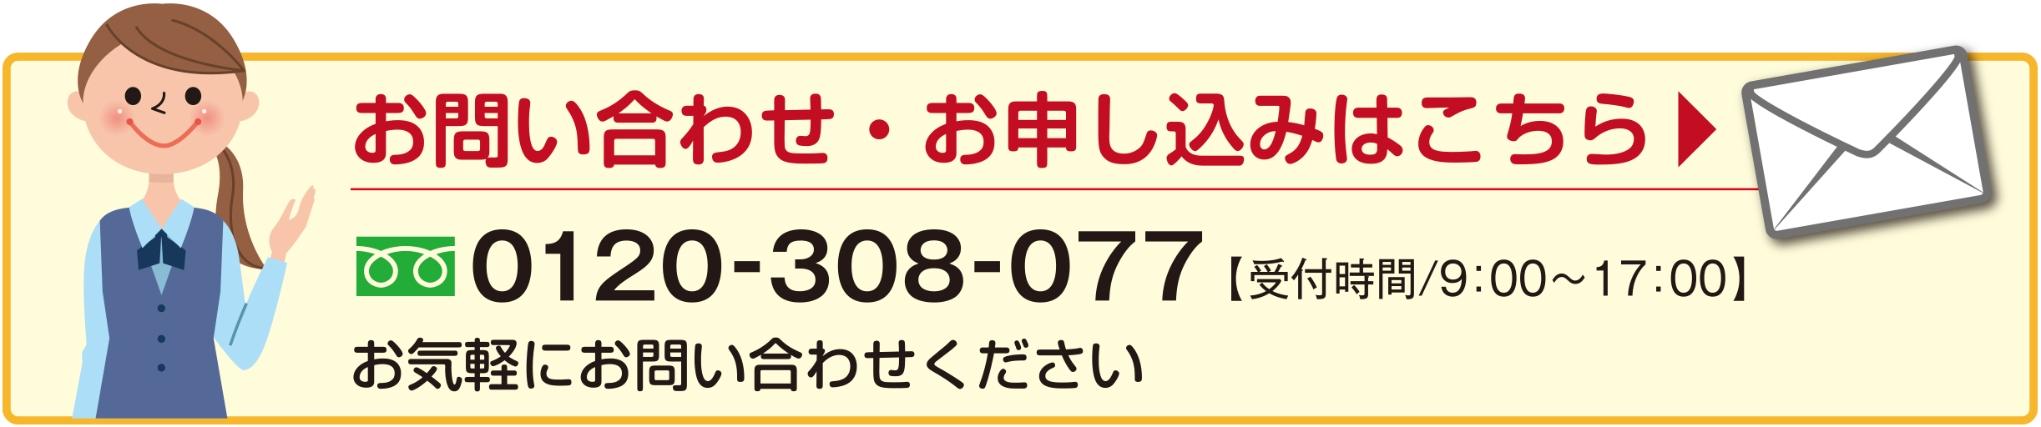 0000462789.jpg